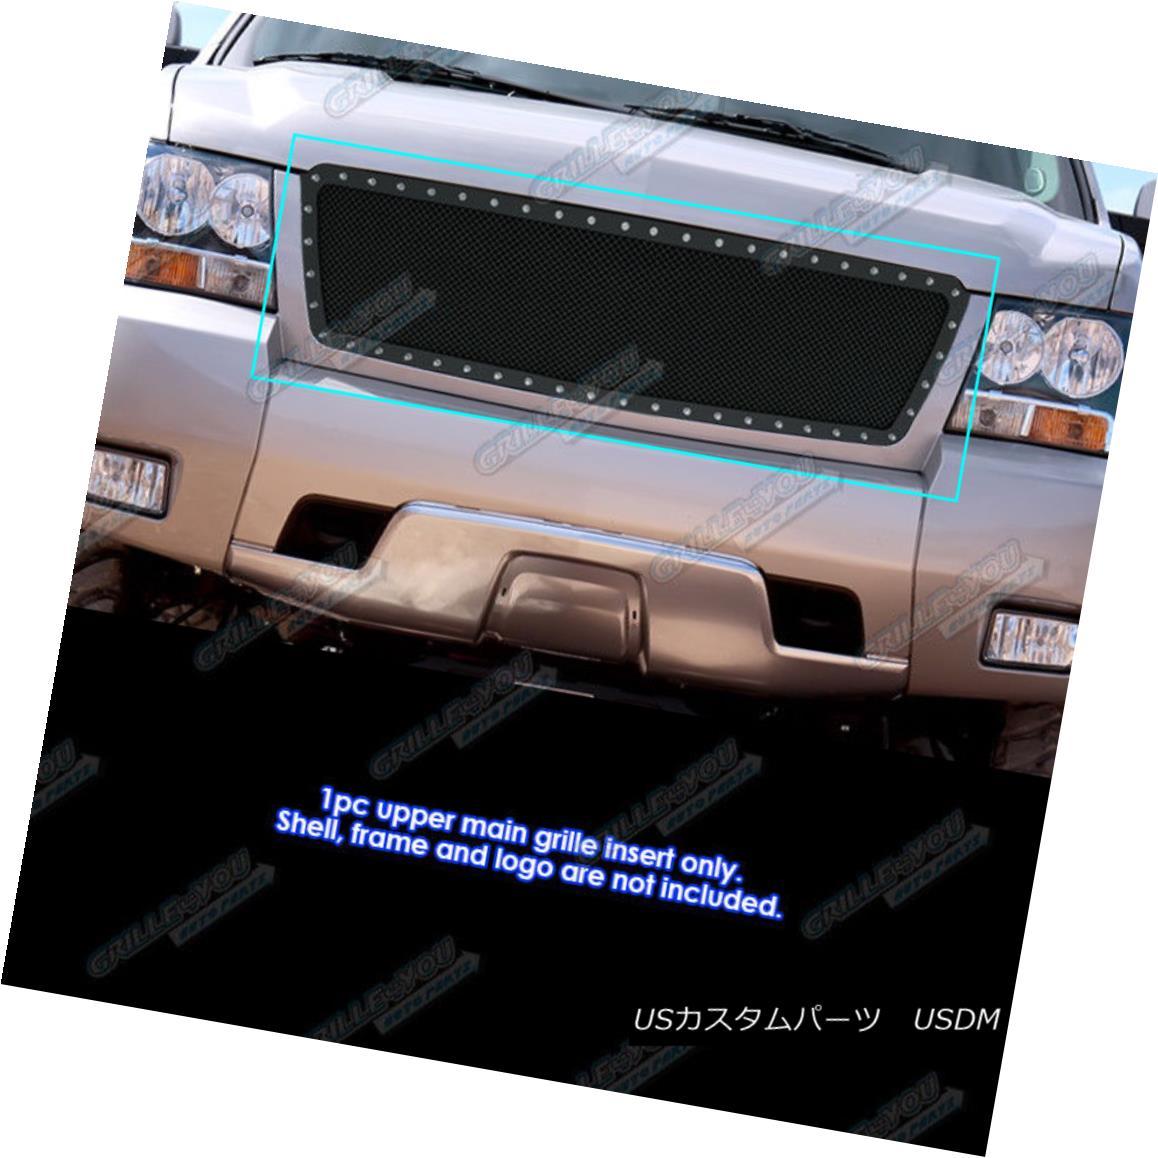 グリル For 2007-2013 Chevy Avalanche/Suburban/Tahoe Stainless Black Rivet Mesh Grille 2007-2013シボレーアバランチェ/スブ rban / Tahoeステンレスブラックリベットメッシュグリル